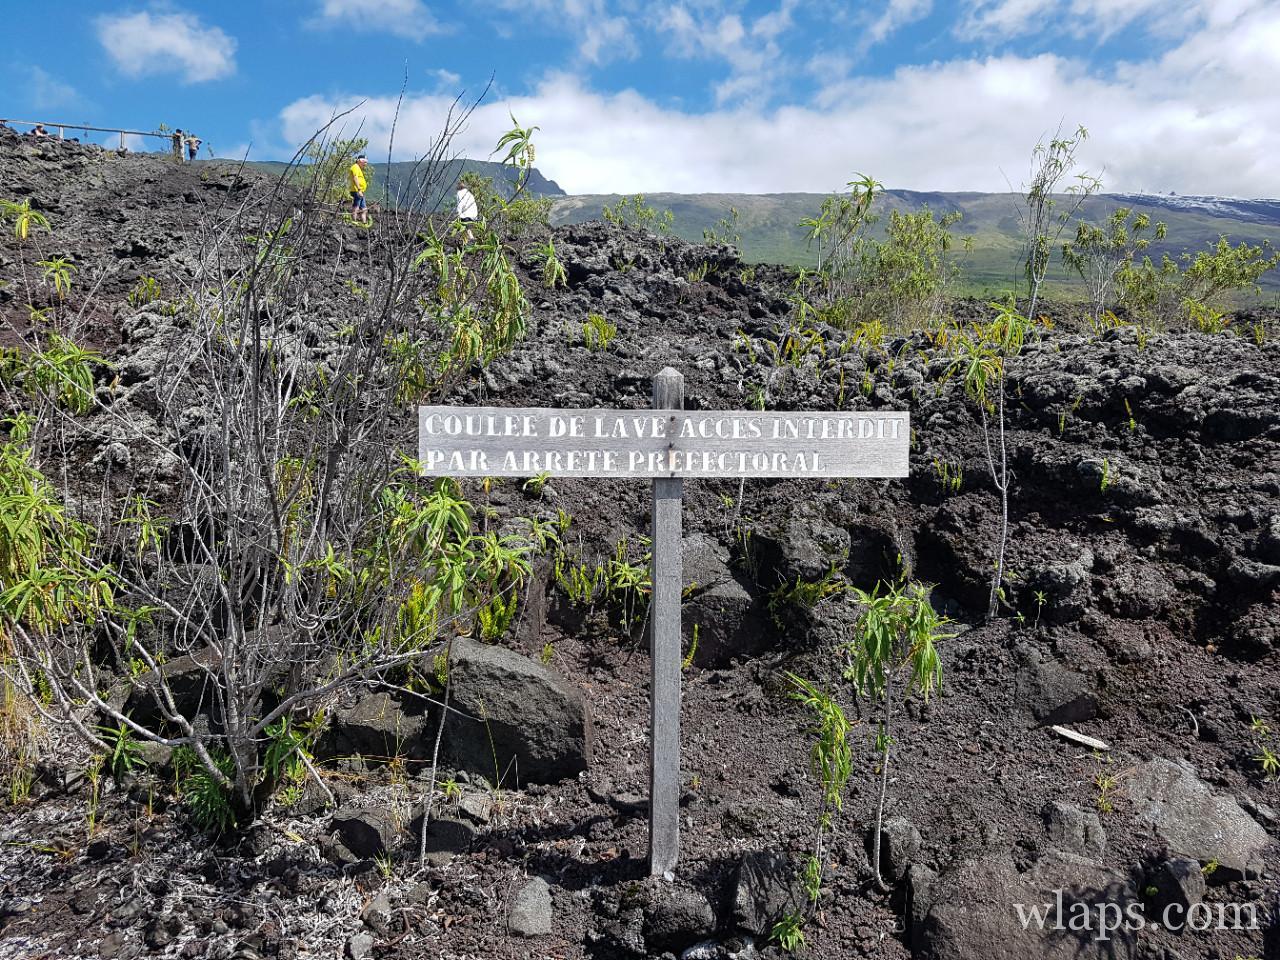 La route des laves à l'ile de La Réunion